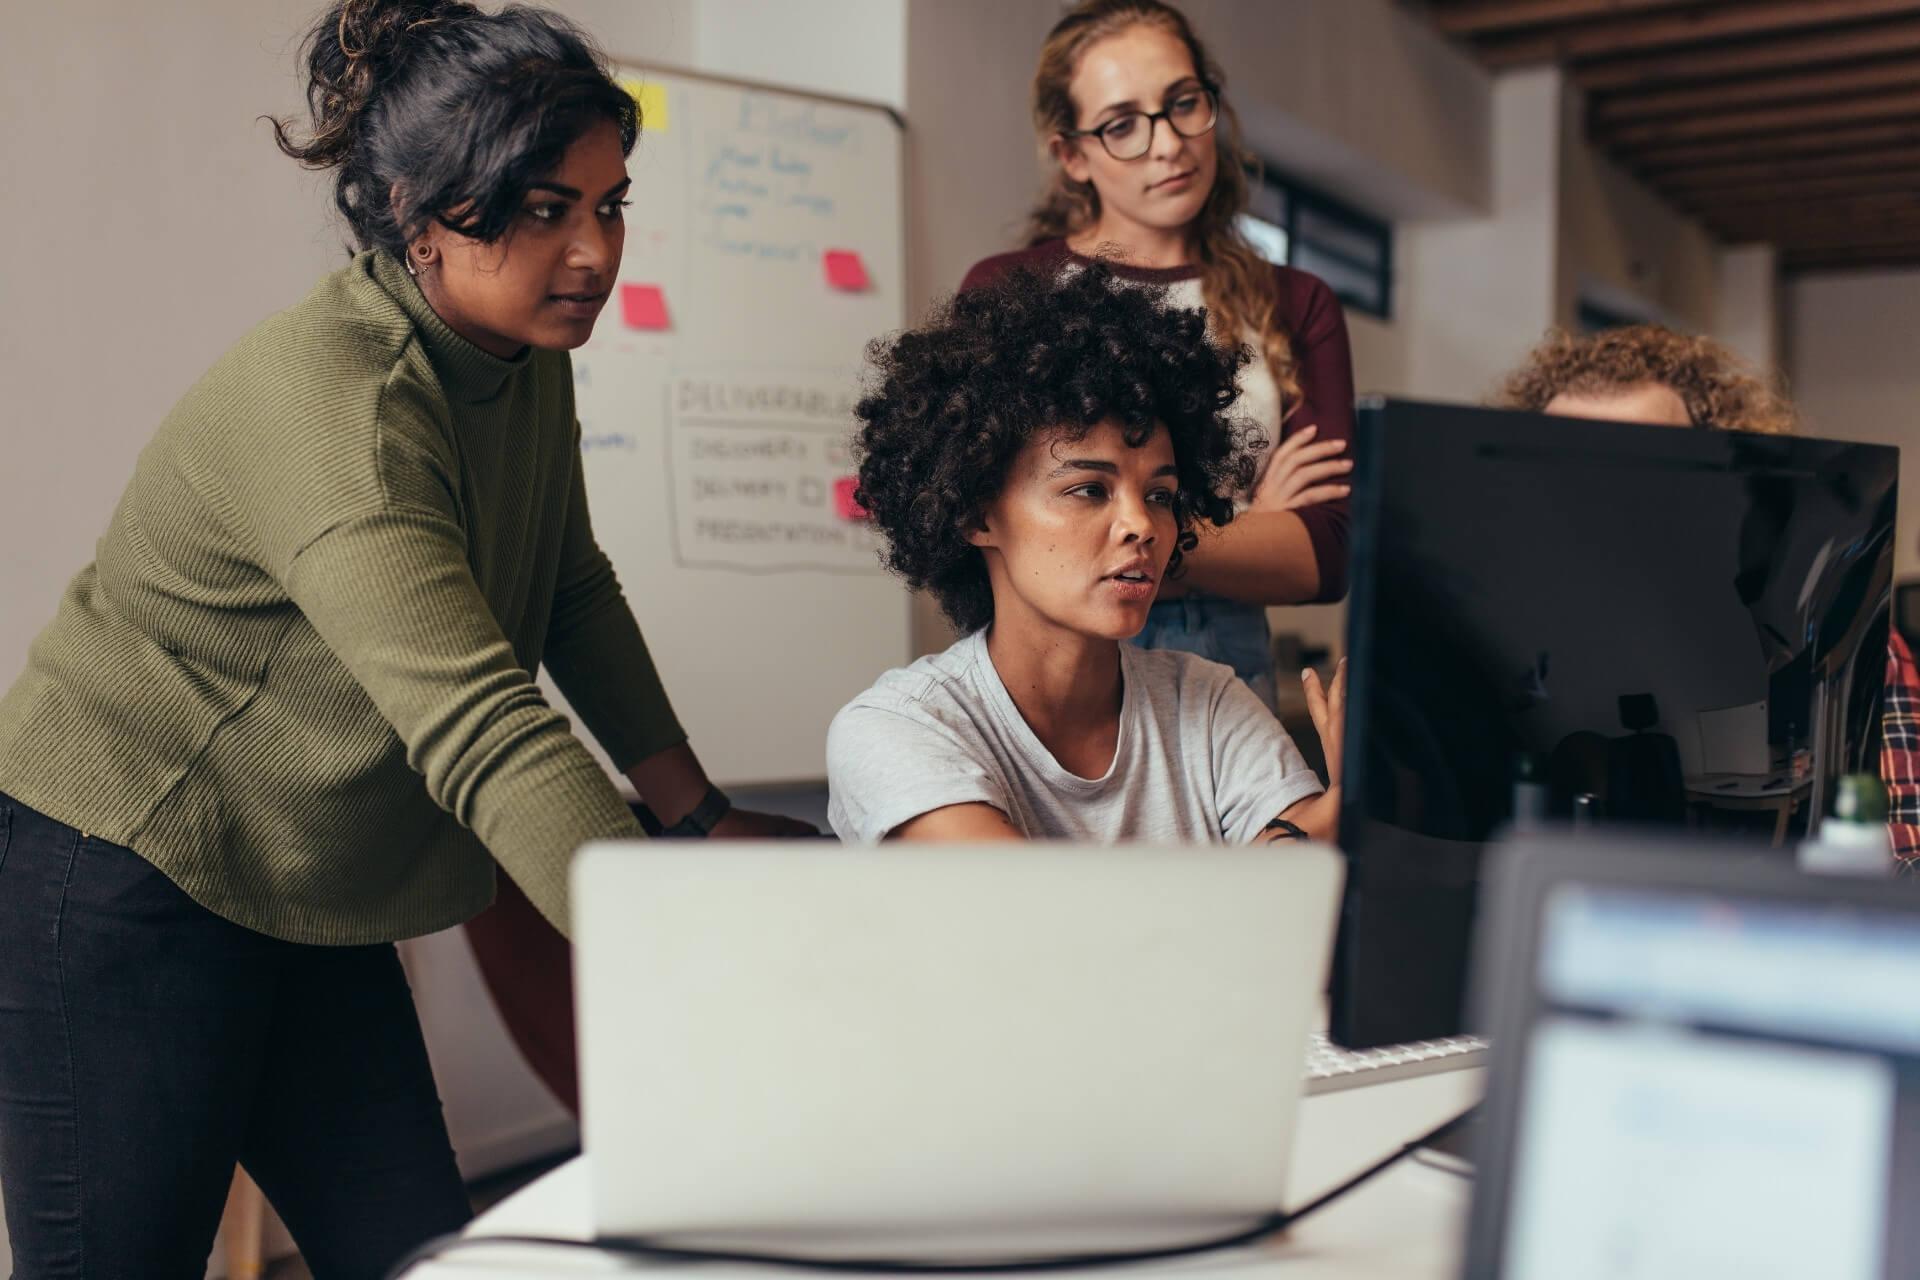 Equipe de trabalho ao redor de um computador.